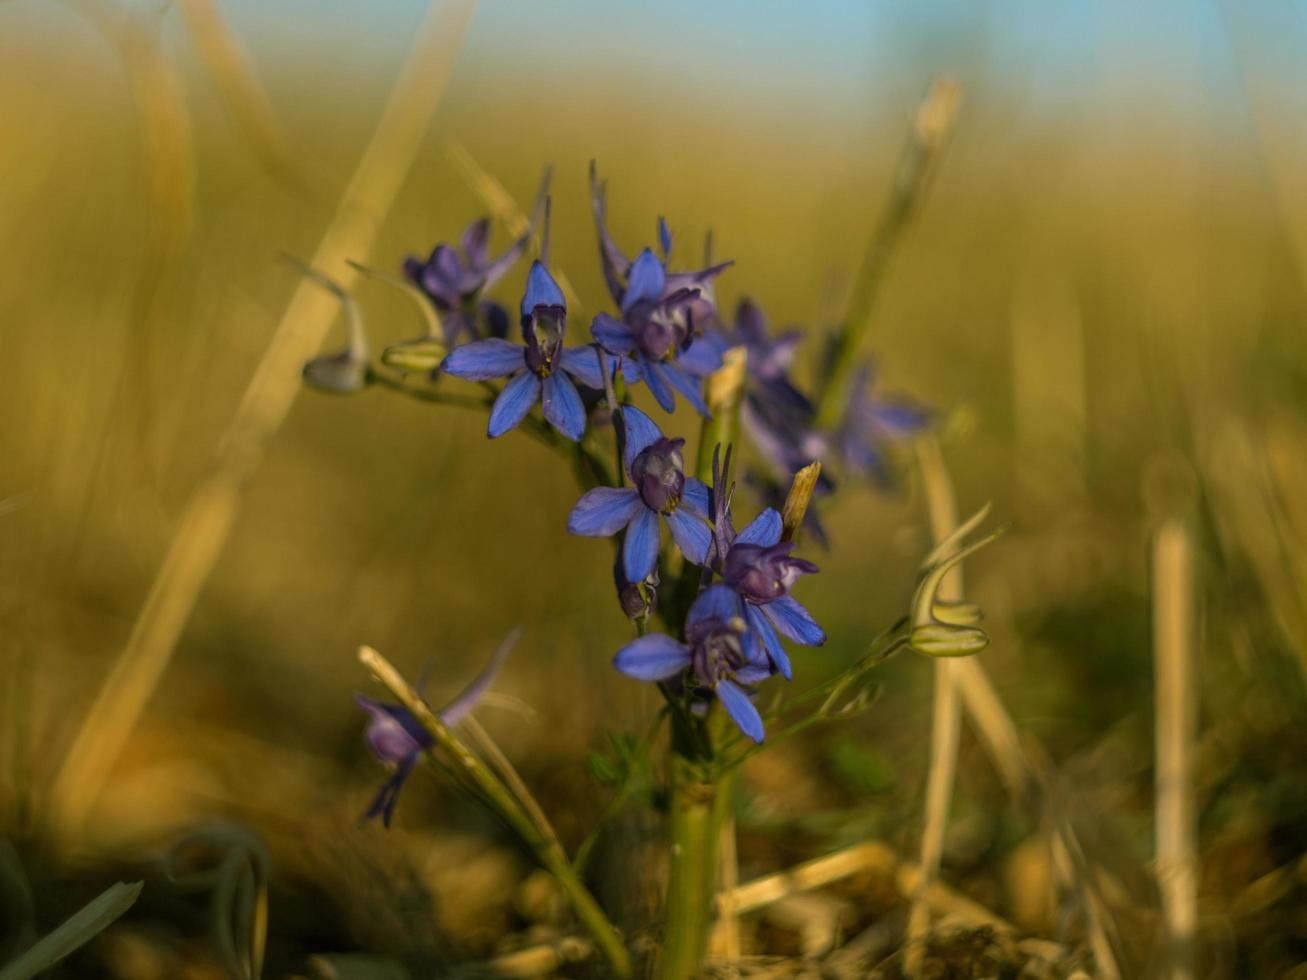 fleurs violettes dans un champ photo